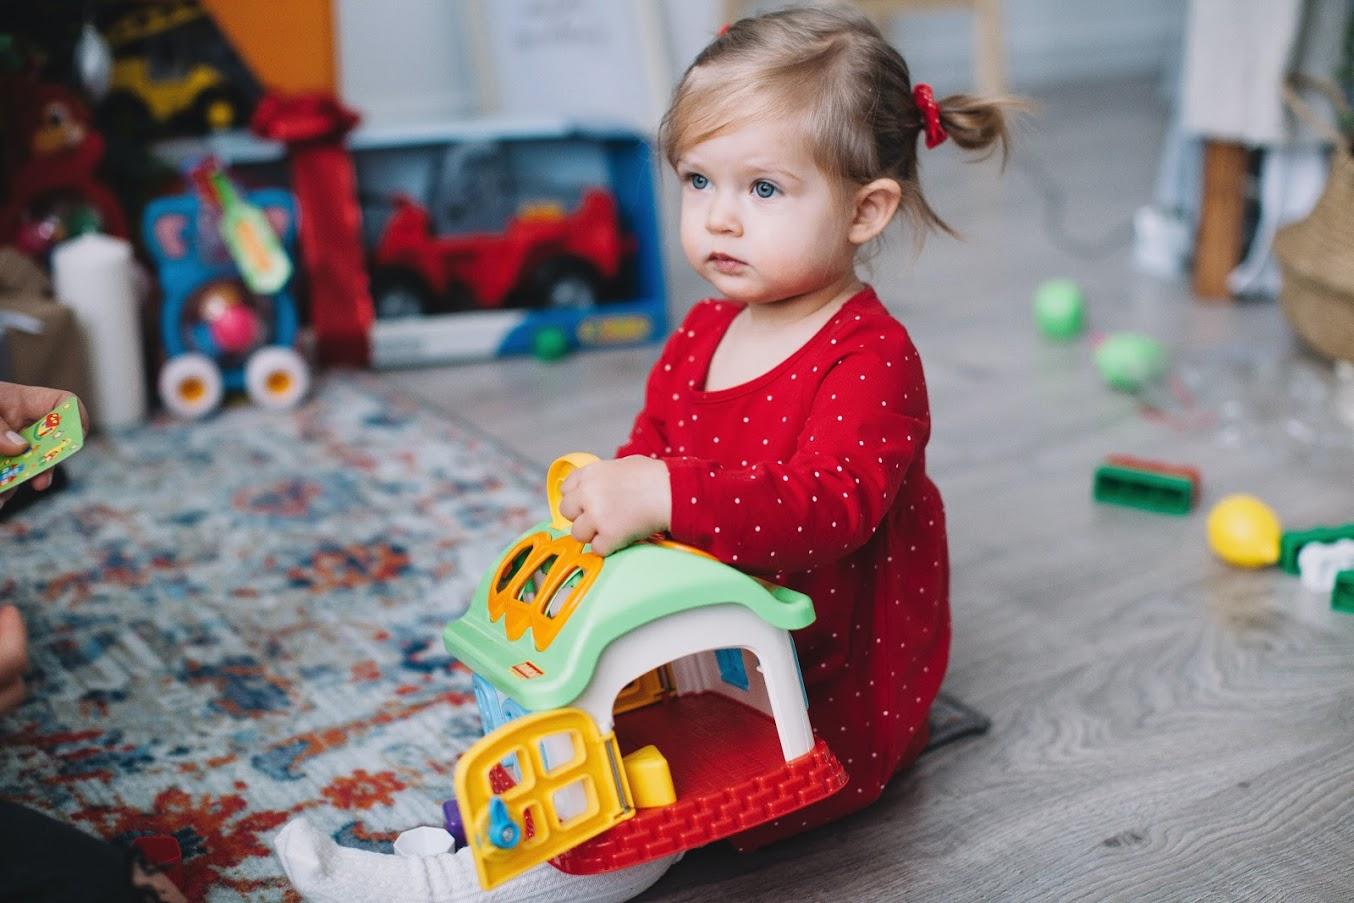 Assegno unico ponte e ANF - Foto di Polesie Toys da Pexels